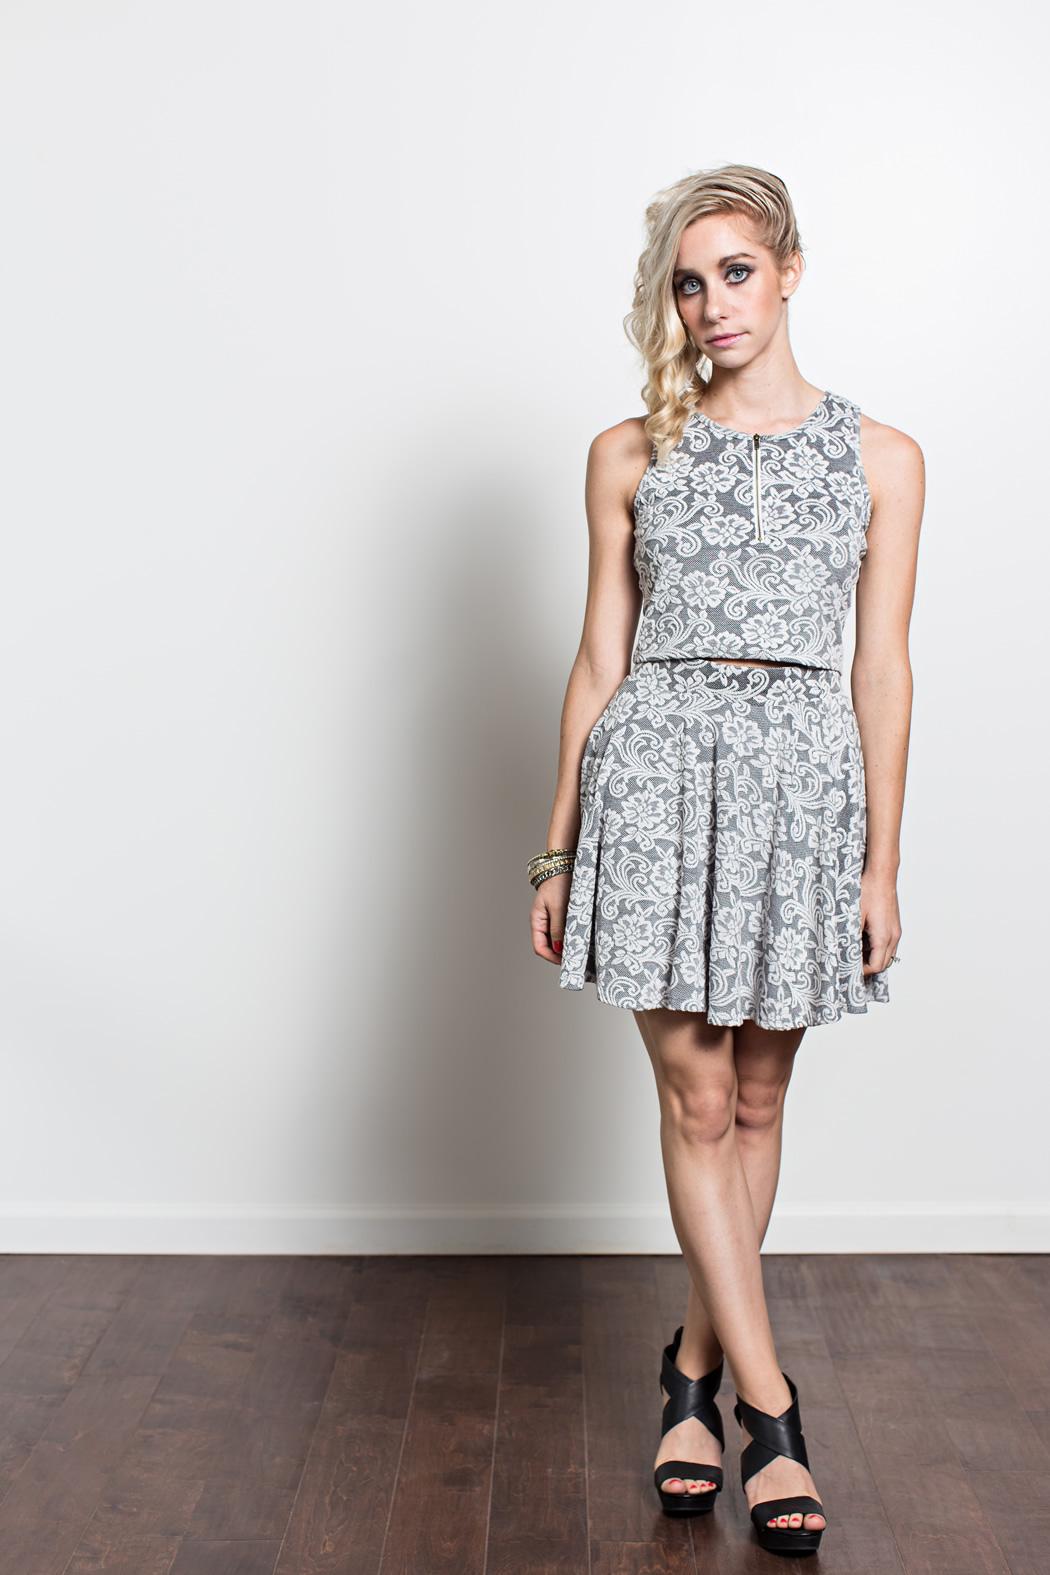 fashionColumnTwins_modern_033